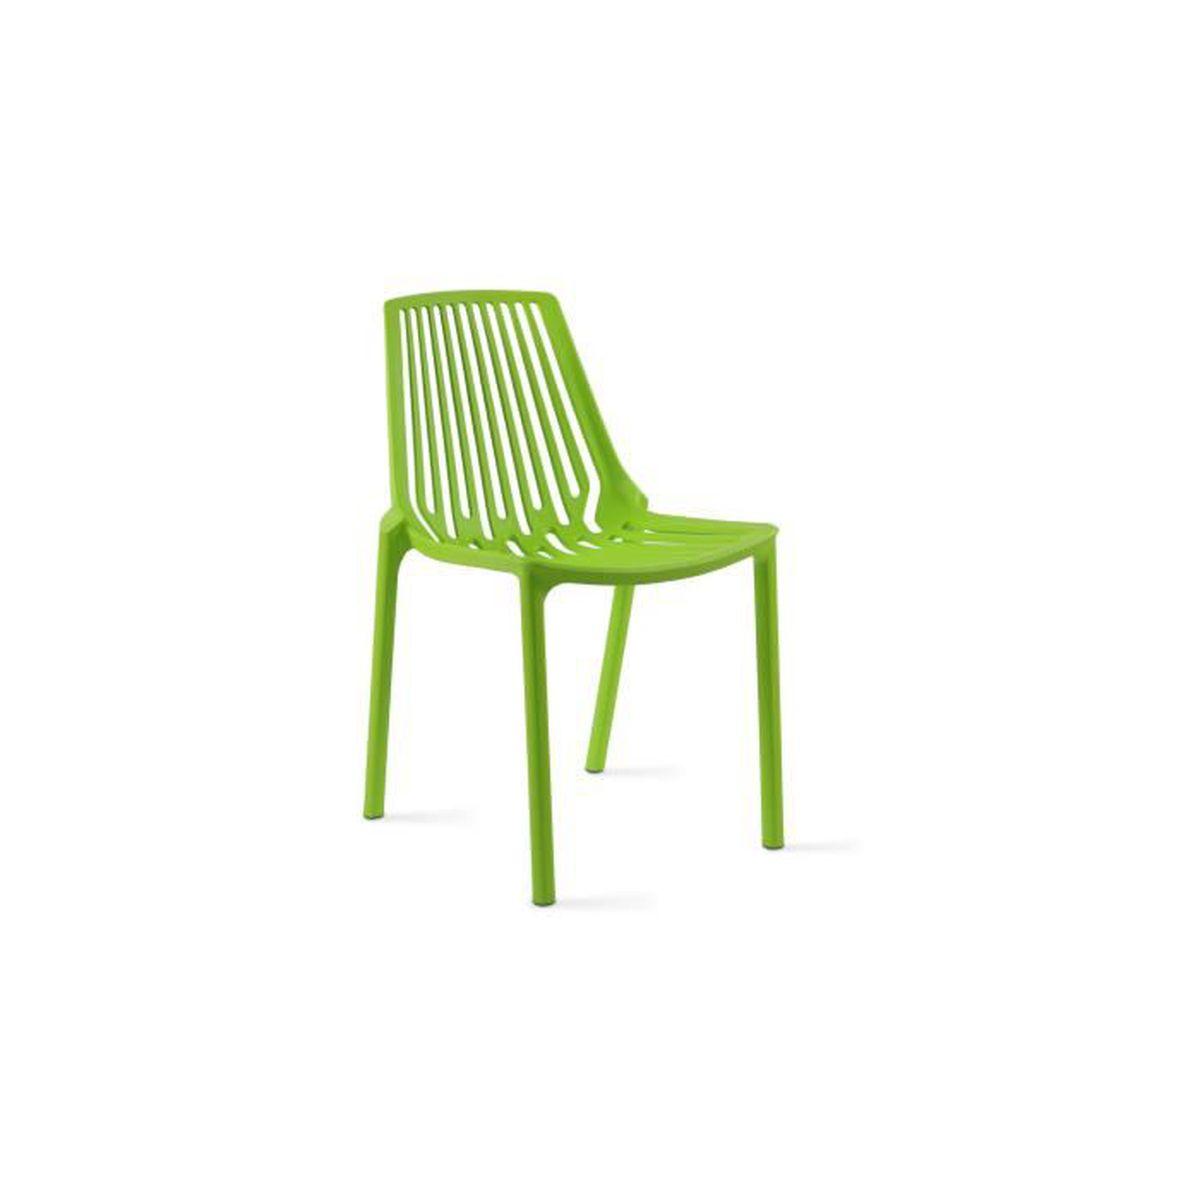 Chaise de jardin ajourée en plastique Vert - Achat / Vente salon de ...